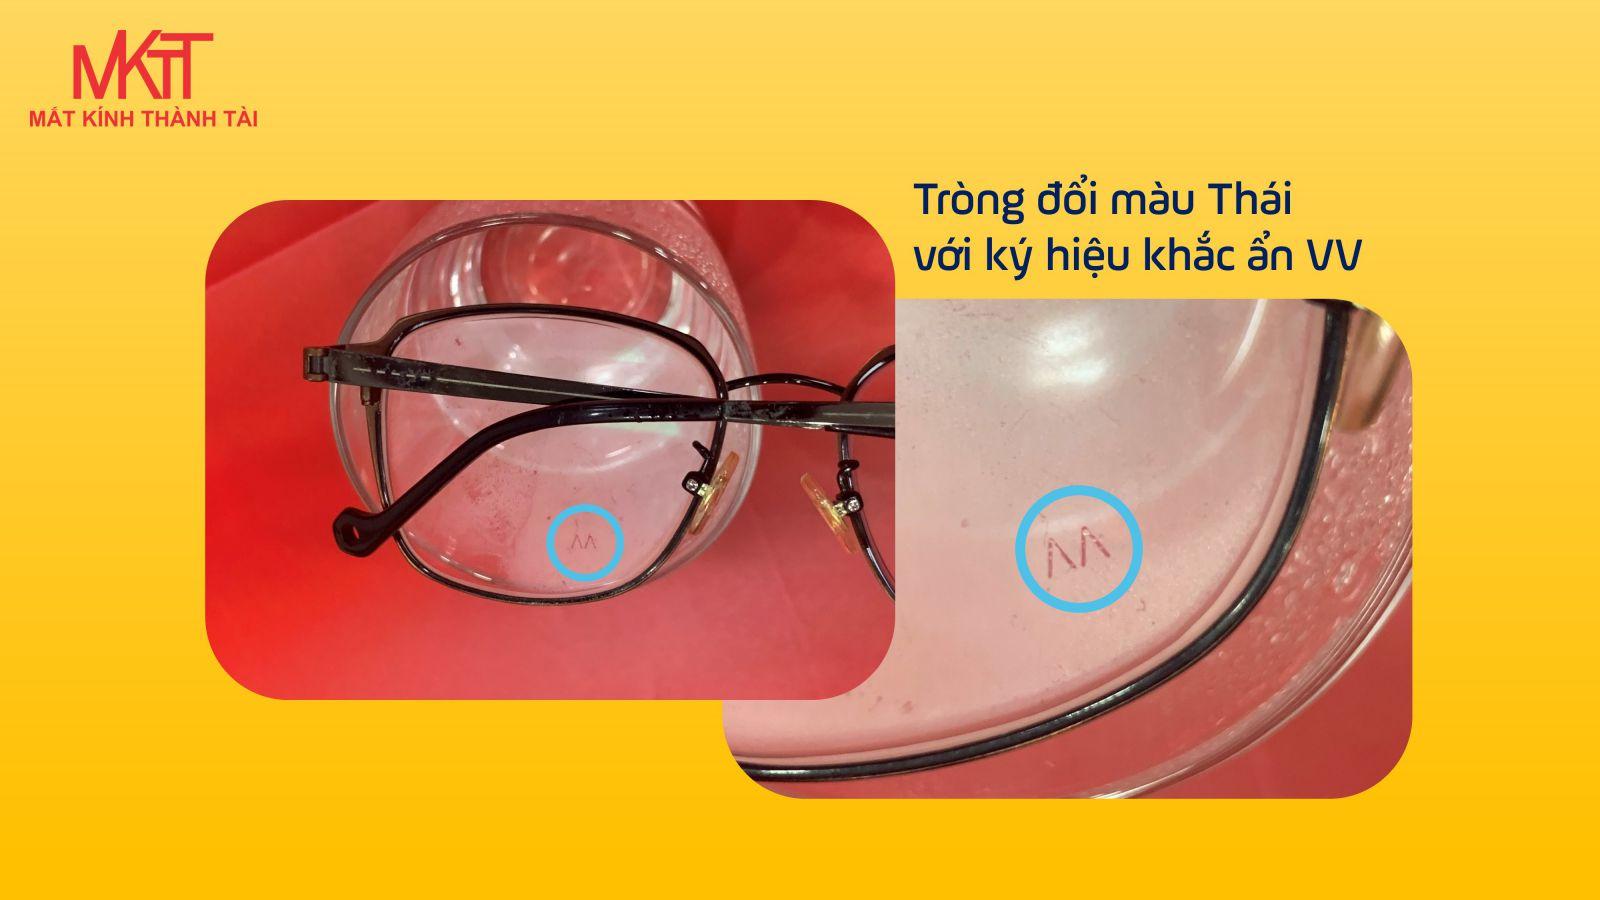 kí hiệu trên tròng mắt kính, ki-hieu-tren-trong-mat-kinh